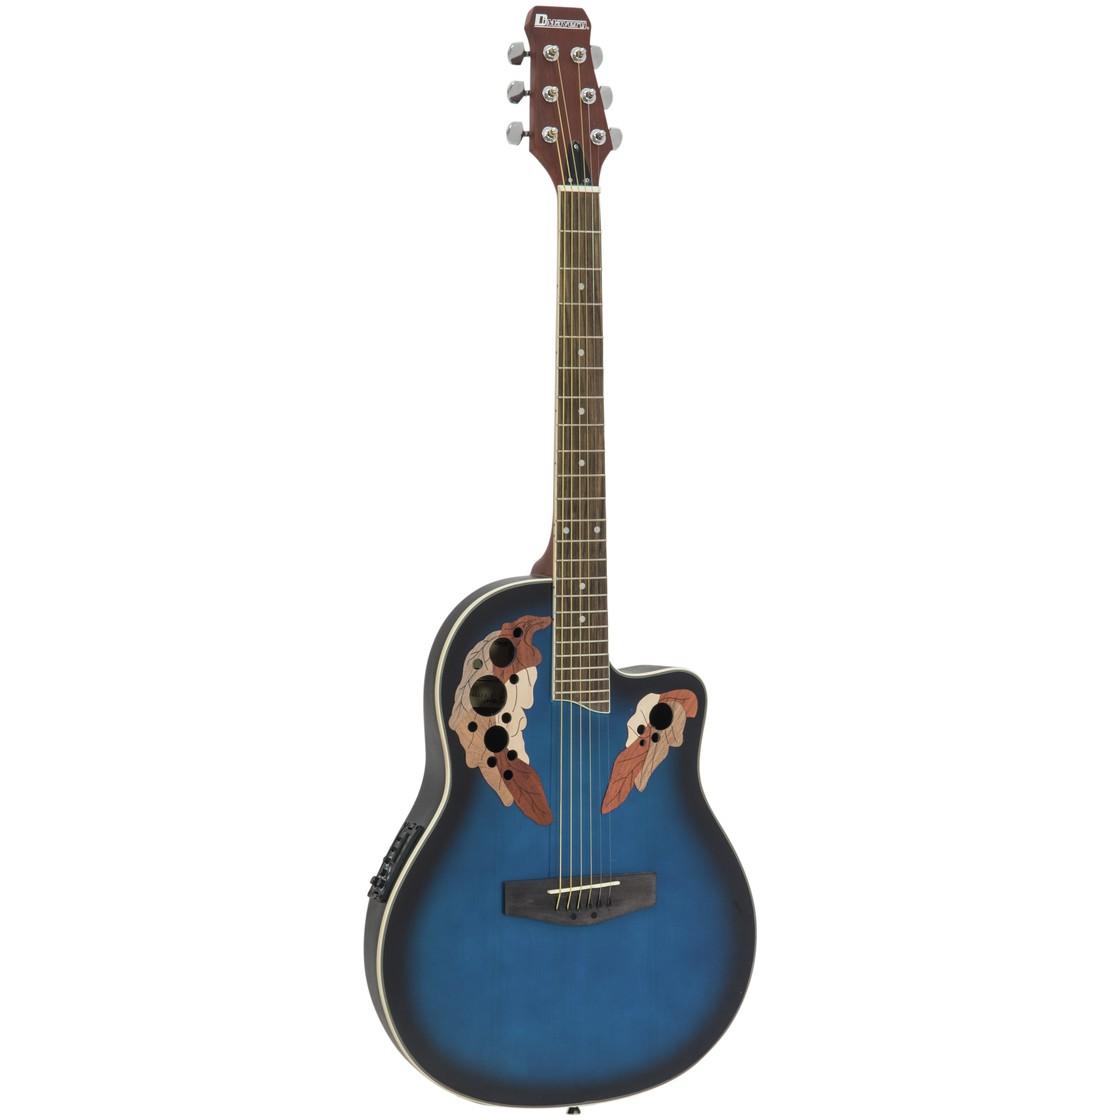 Dimavery OV-500, kytara elektroakustická typu Ovation, stínovaná modrá